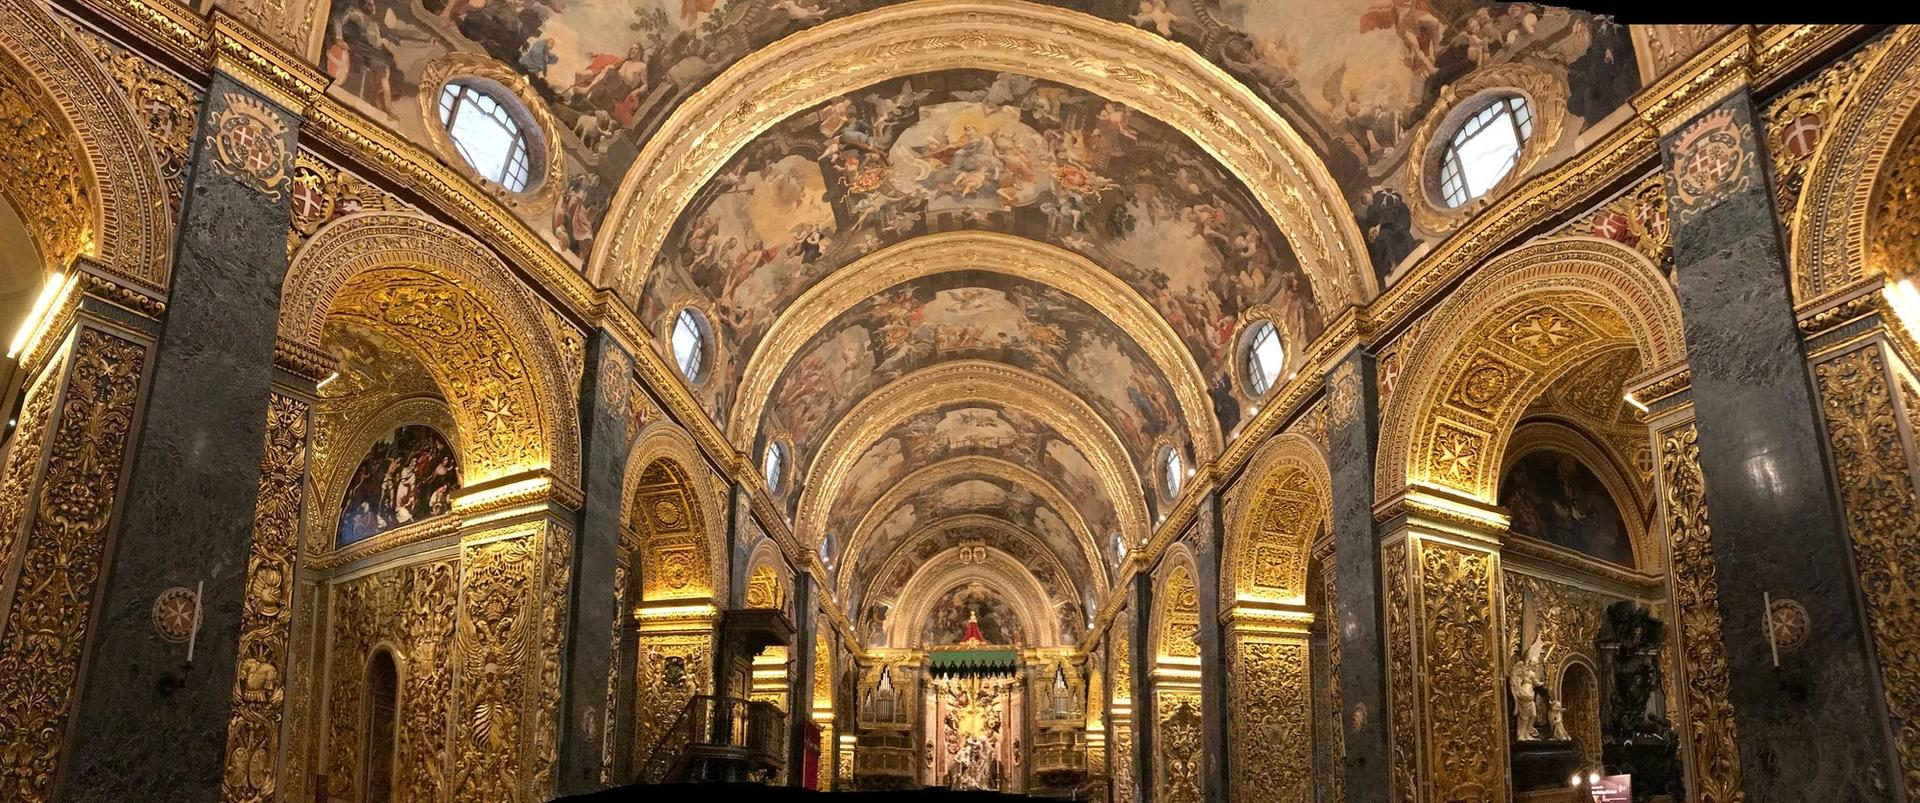 St John's Co-Cathedral in Valletta, Malta Photo: Claudia Schillinger